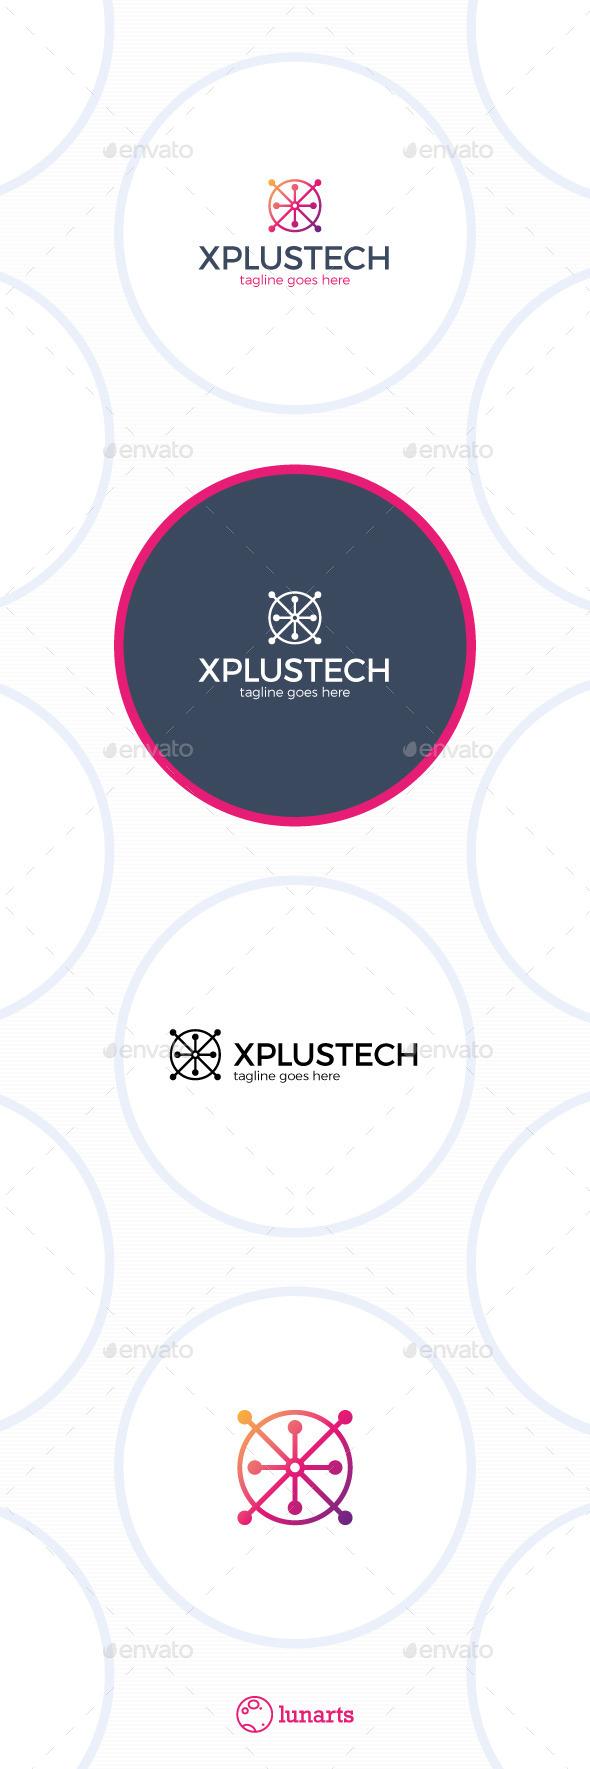 Plus Tech Logo - Letter X